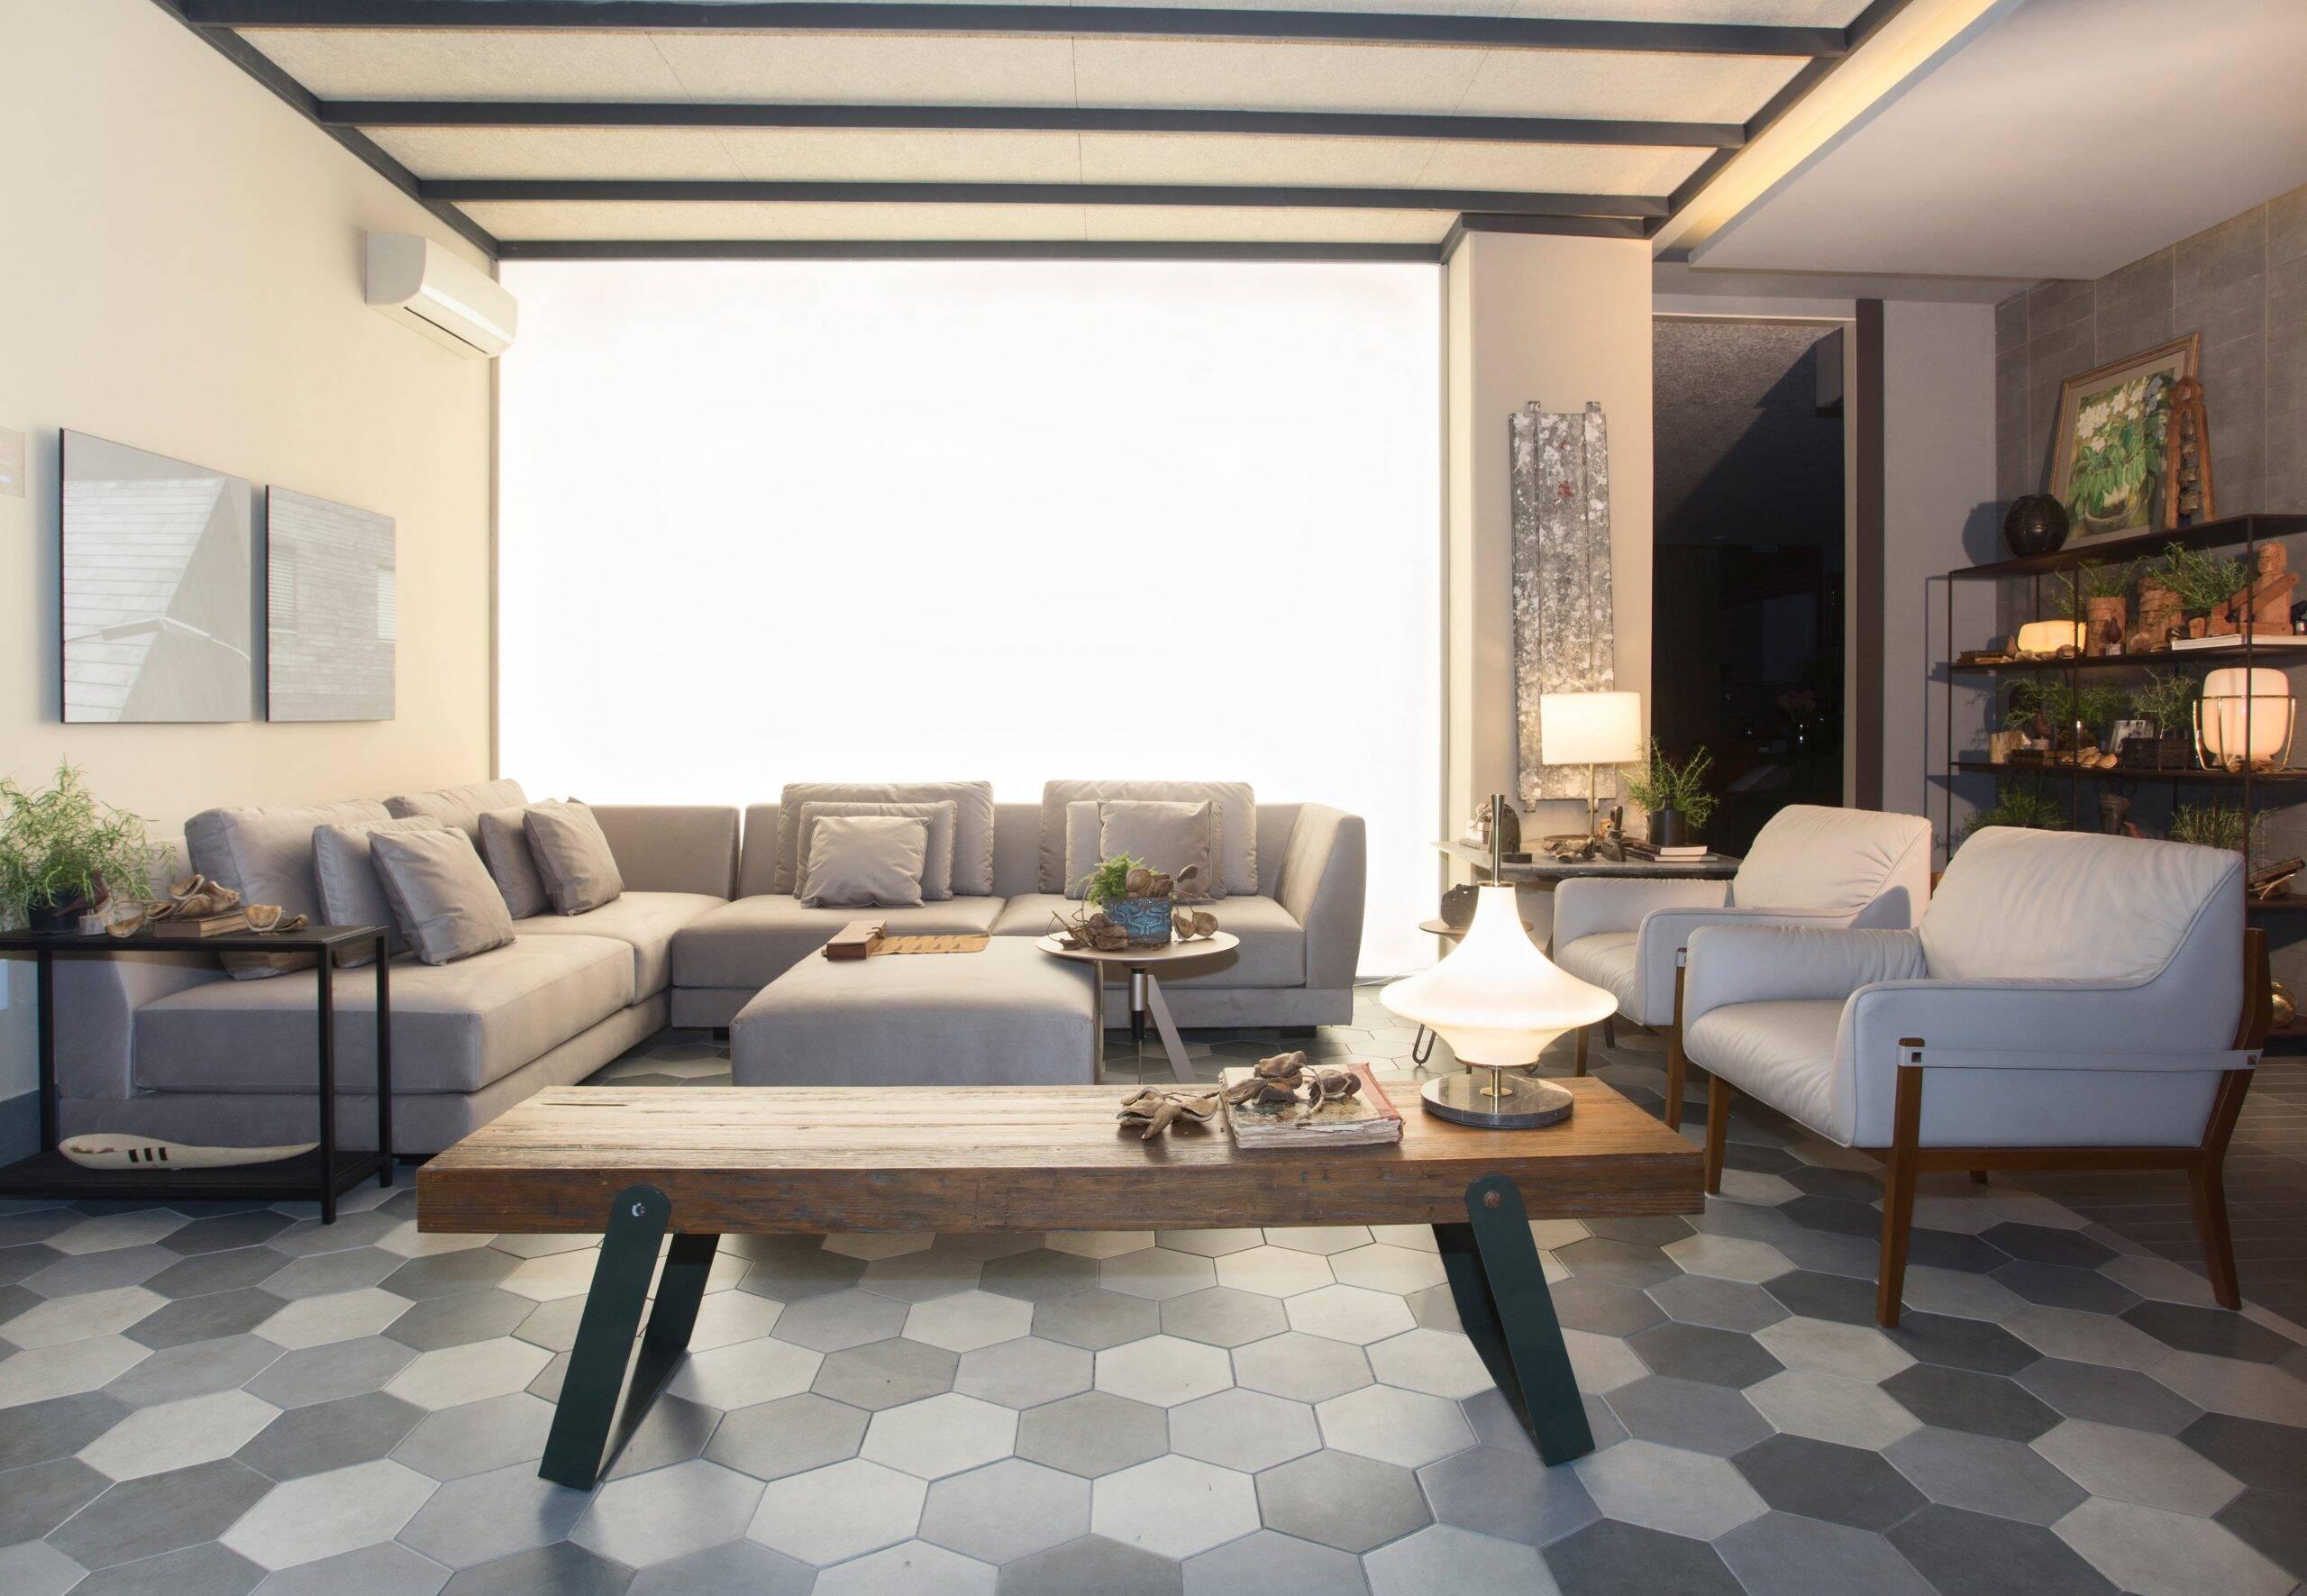 Inspire-se nesses projetos para escolher o modelo de piso ideal para sua casa